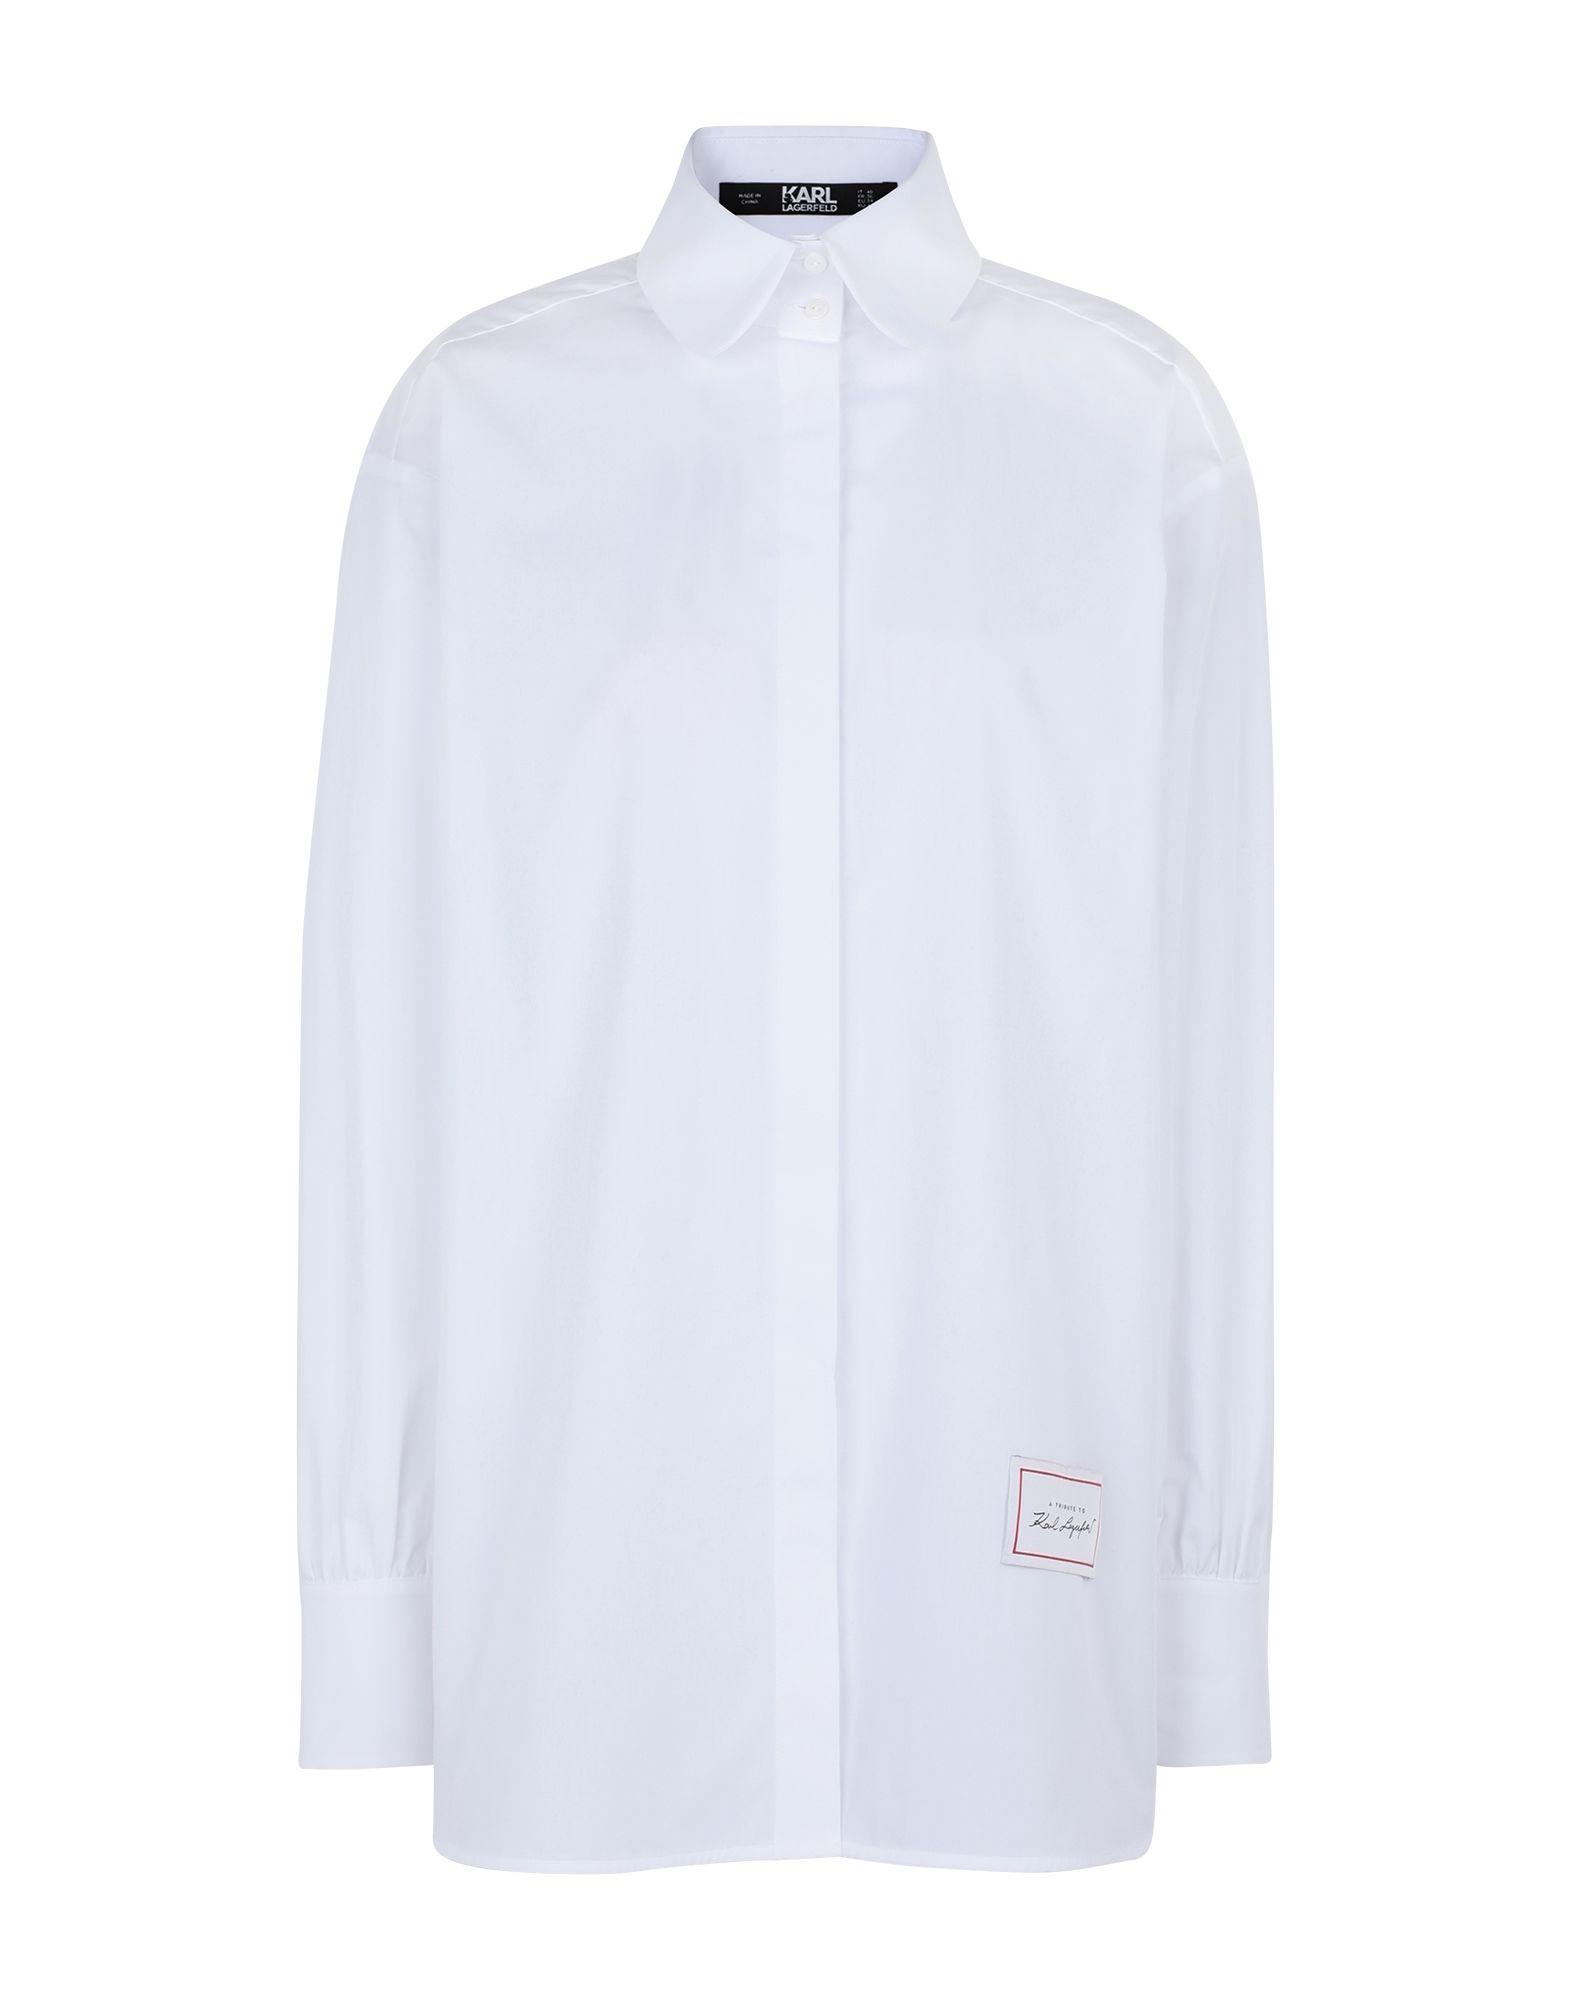 《セール開催中》KARL LAGERFELD レディース シャツ ホワイト 38 コットン 100% Classic Karl Poplin Shirt